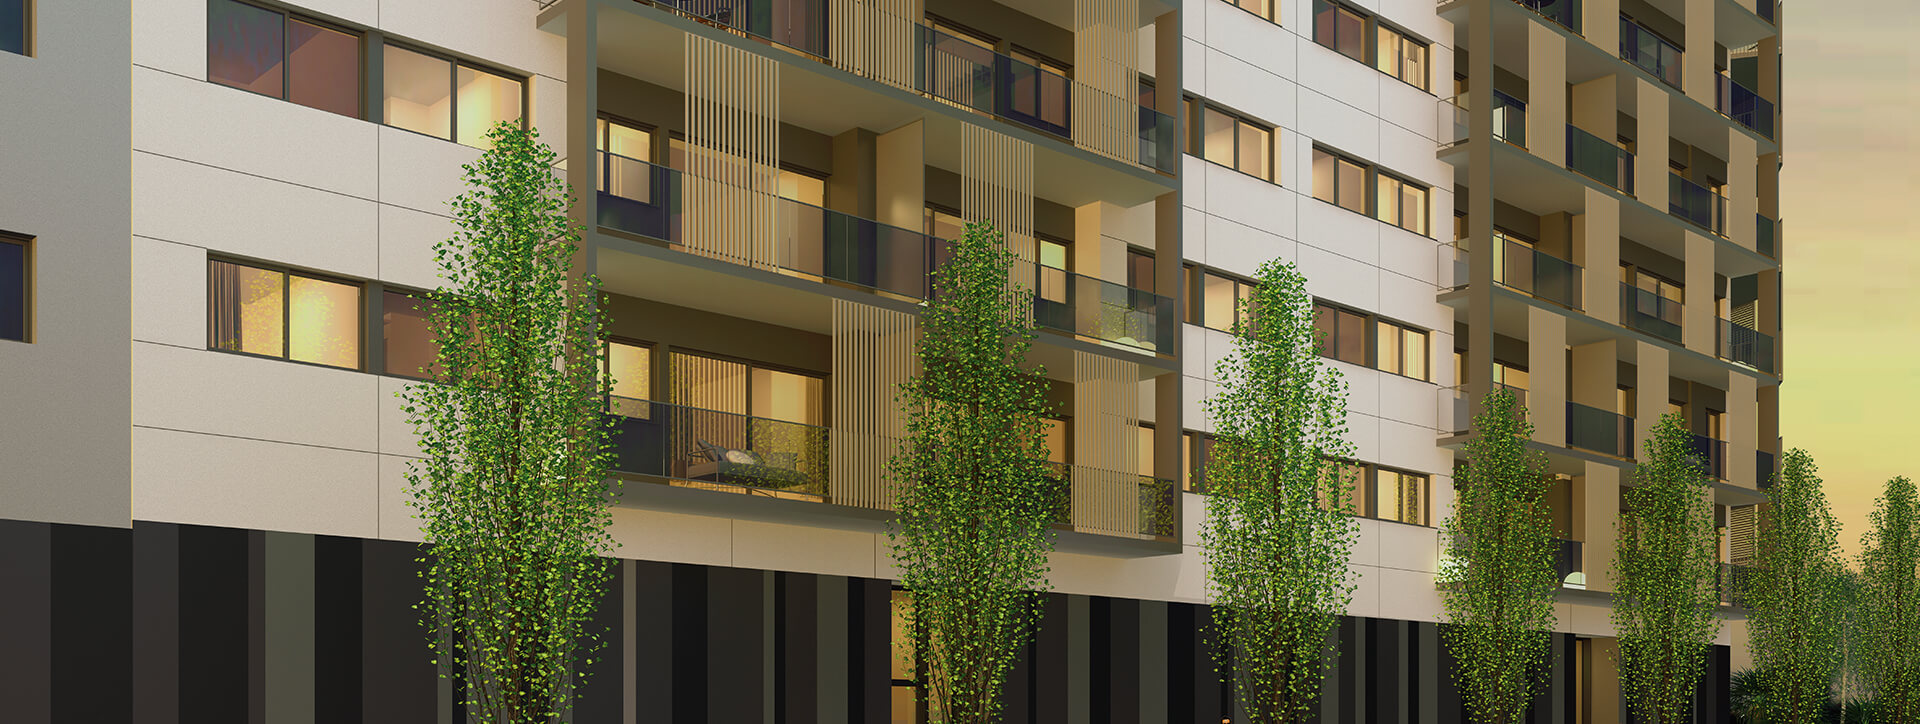 Entrega de viviendas en 2ª fase de la promoción 9centre de Tarragona